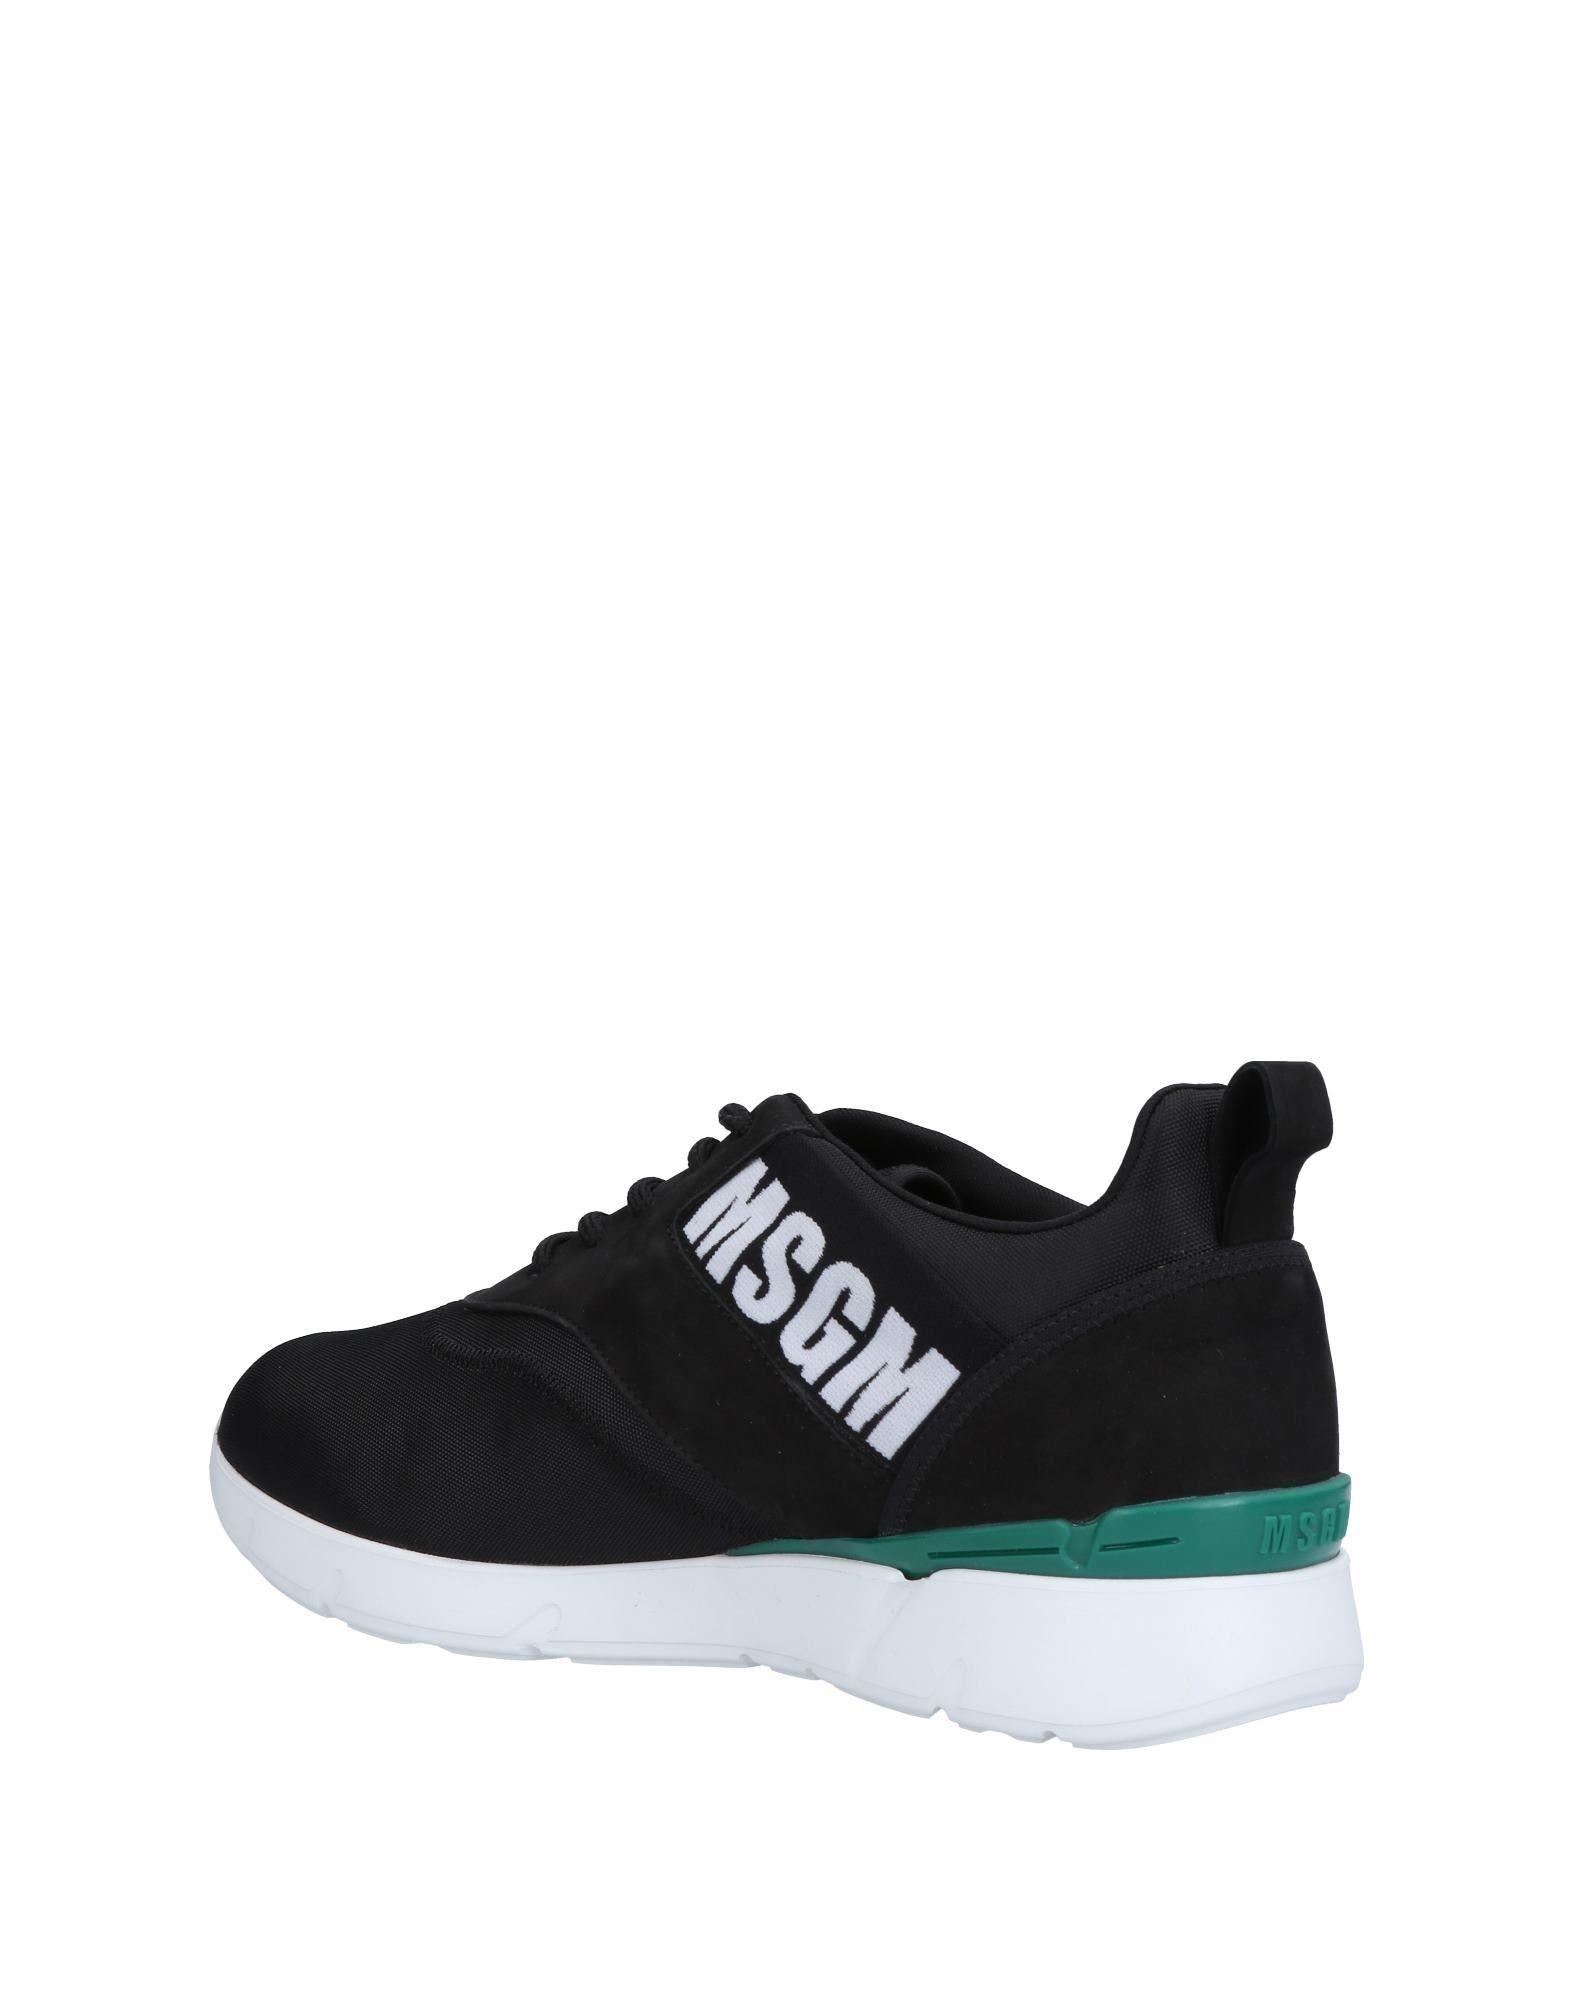 Sneakers & Deportivas MSGM de Cuero de color Negro para hombre